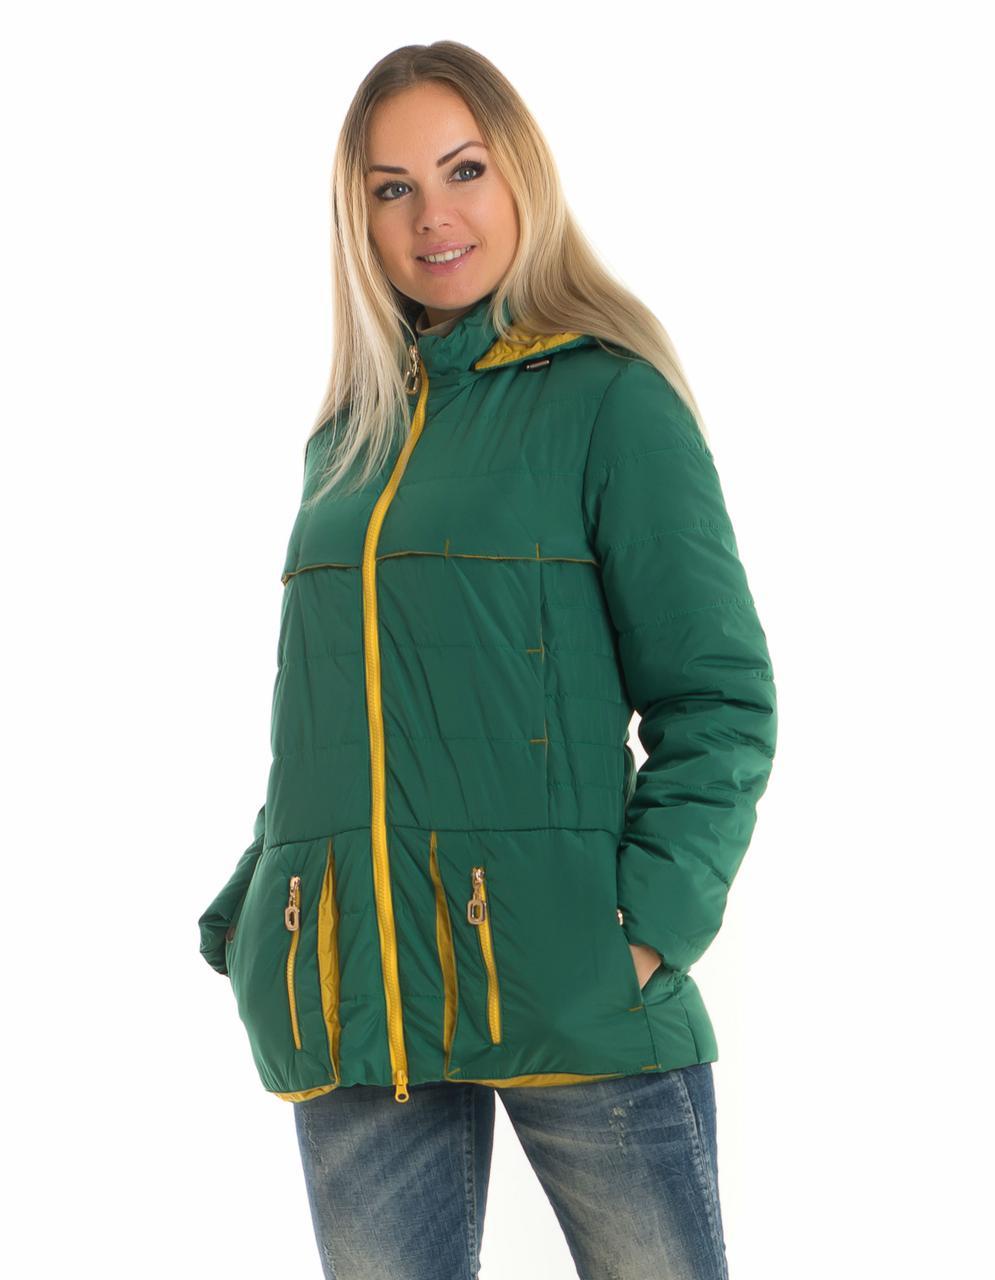 Женская куртка с капюшоном от производителя